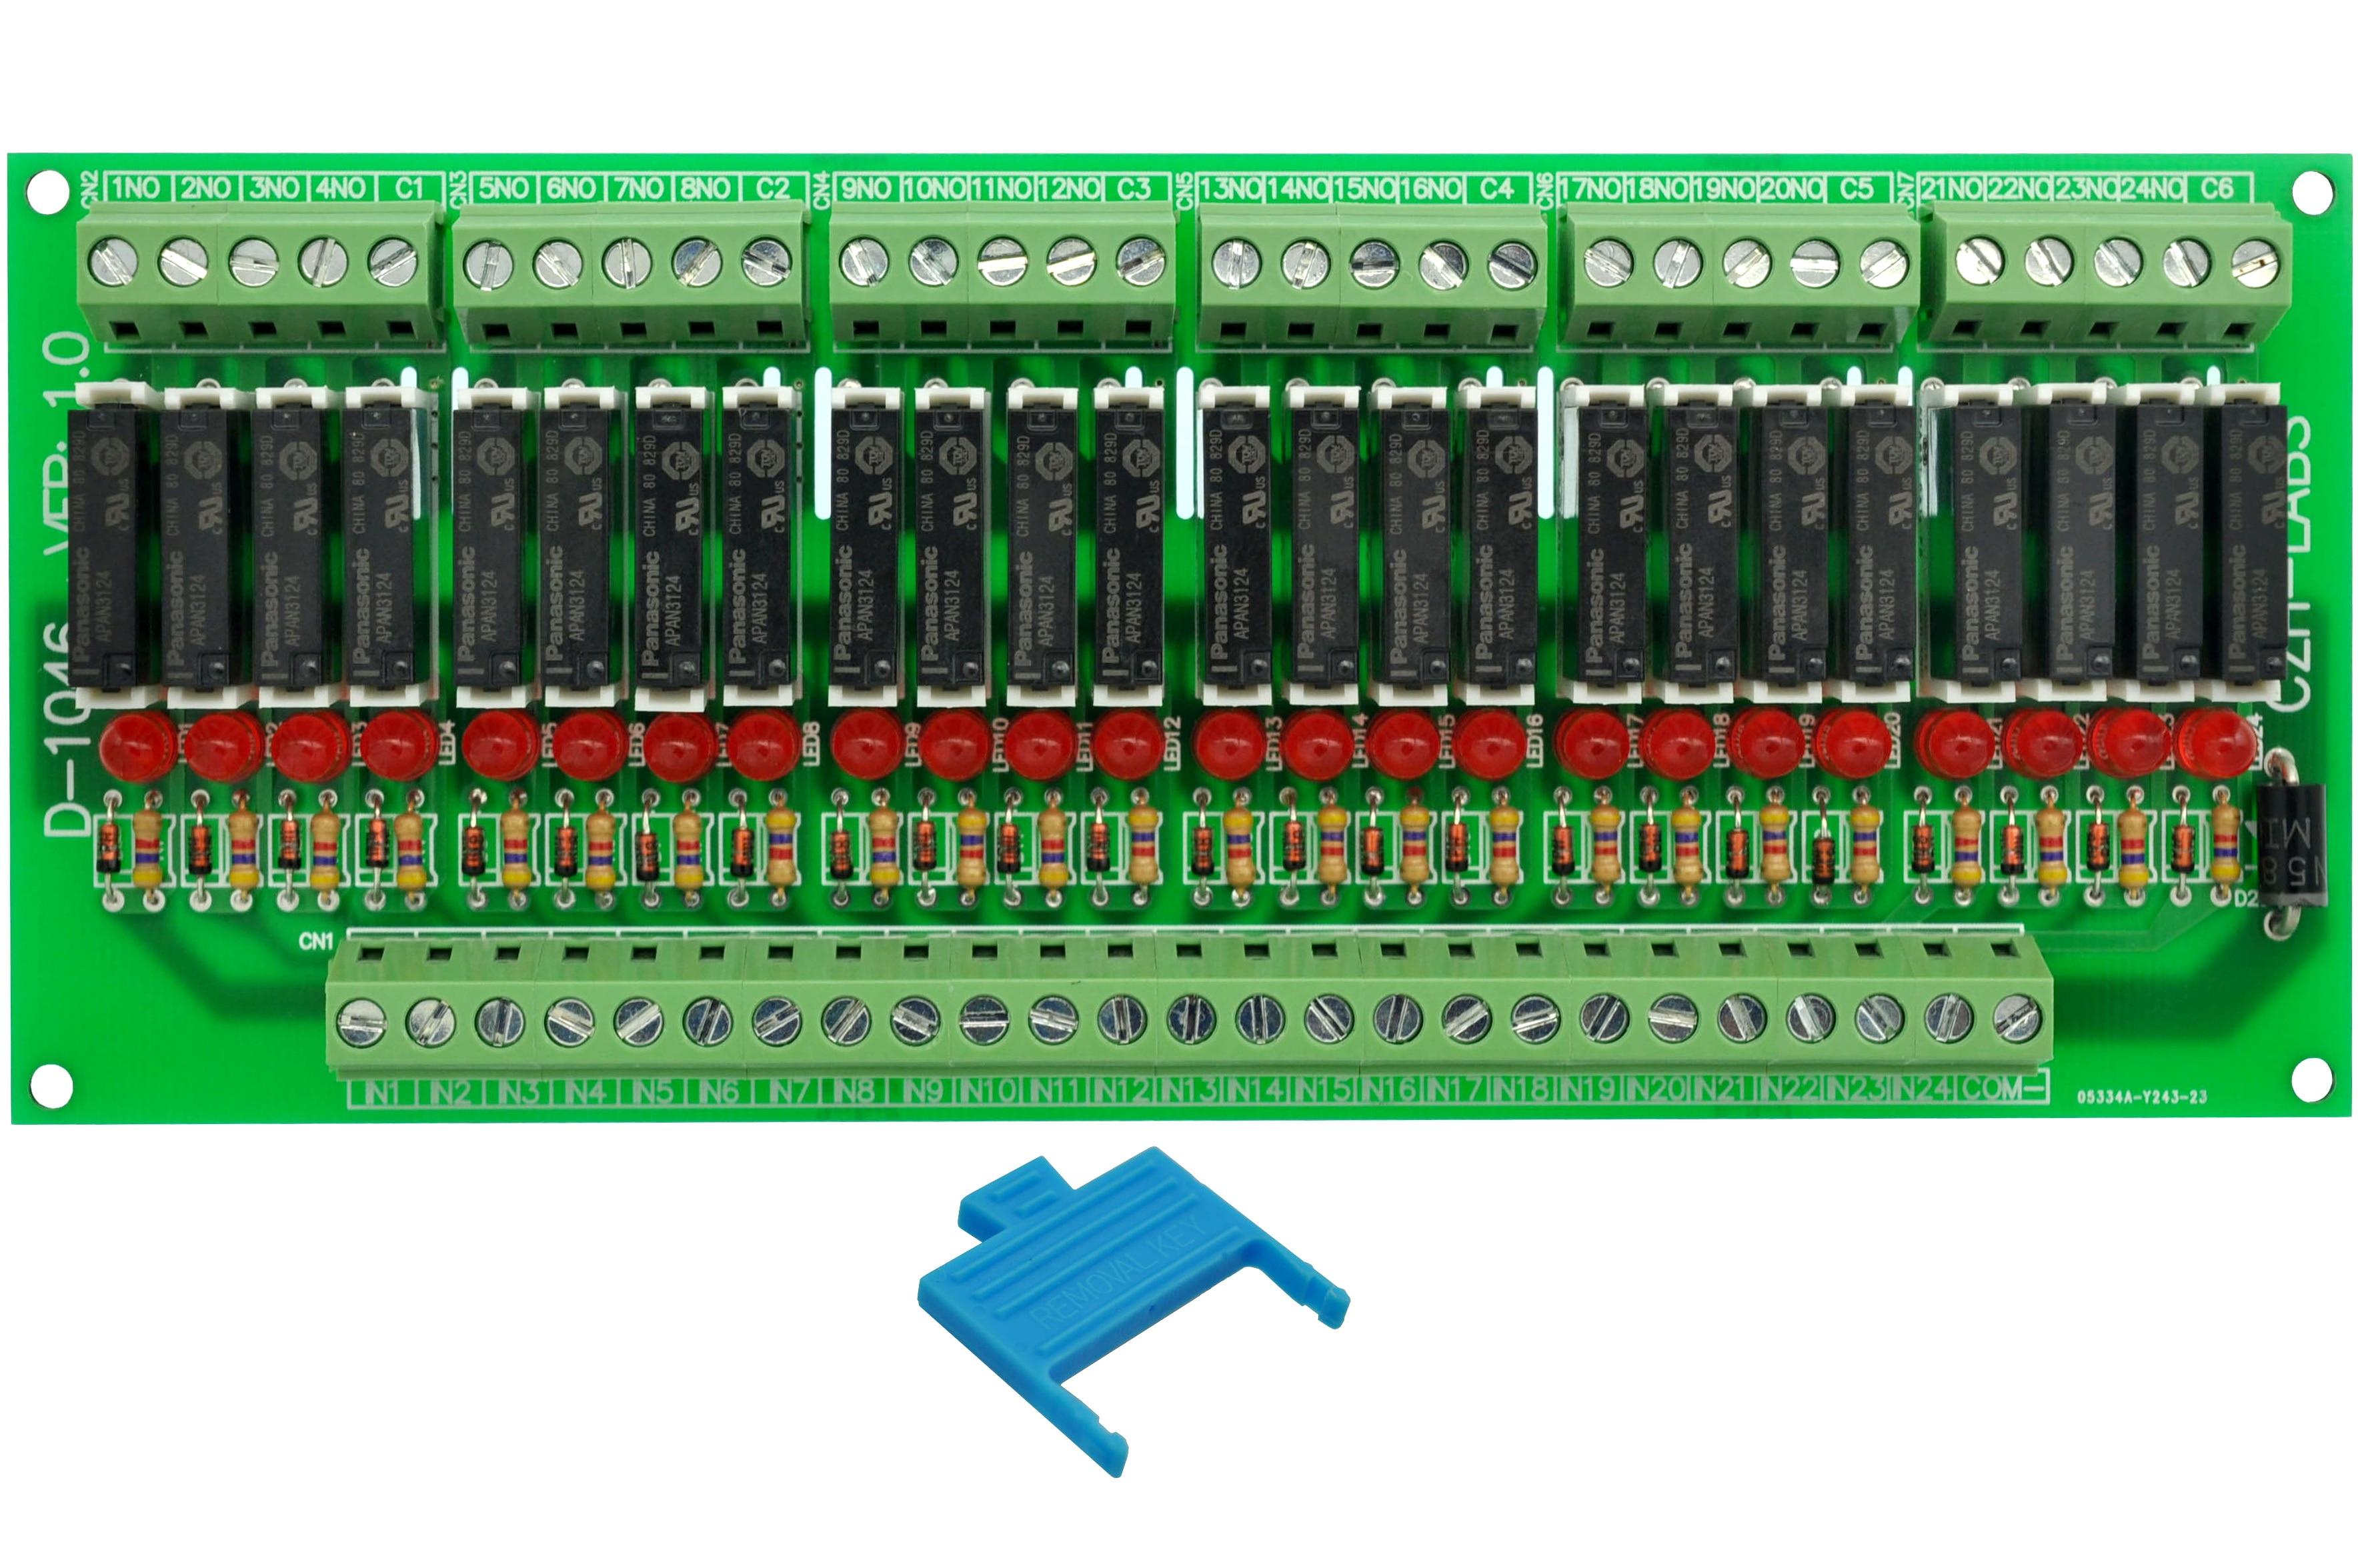 Montaje en Panel delgado DC24V fuente/PNP 24 SPST-NO 5A módulo de relé de potencia, APAN3124